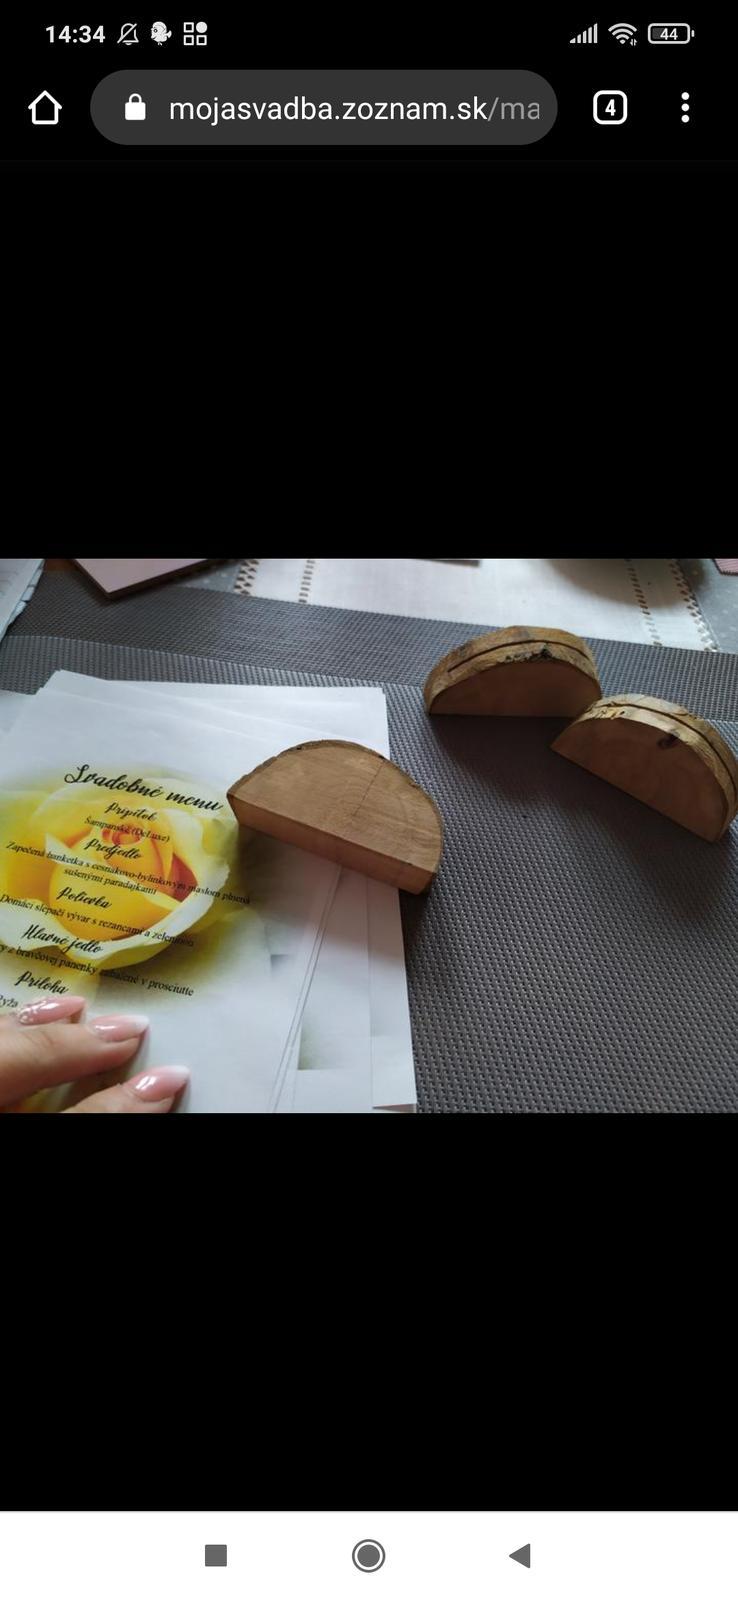 drevené podstavce - Obrázok č. 1